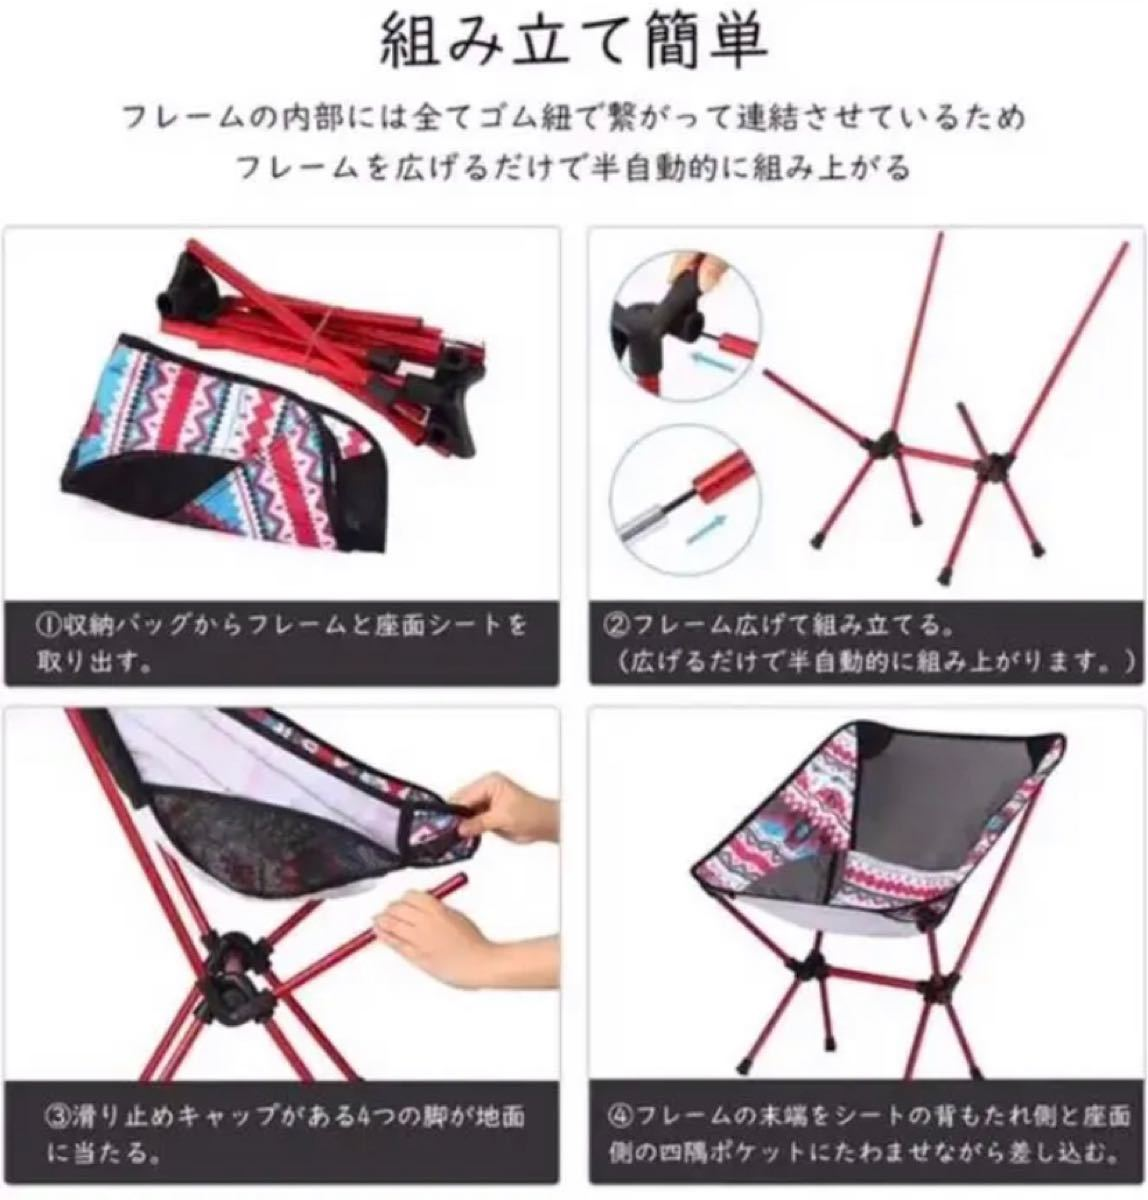 【アウトレット品】キャンプ アウトドア 折りたたみ椅子 コンパクトチェア BBQ  アウトドアチェア キャンプチェア